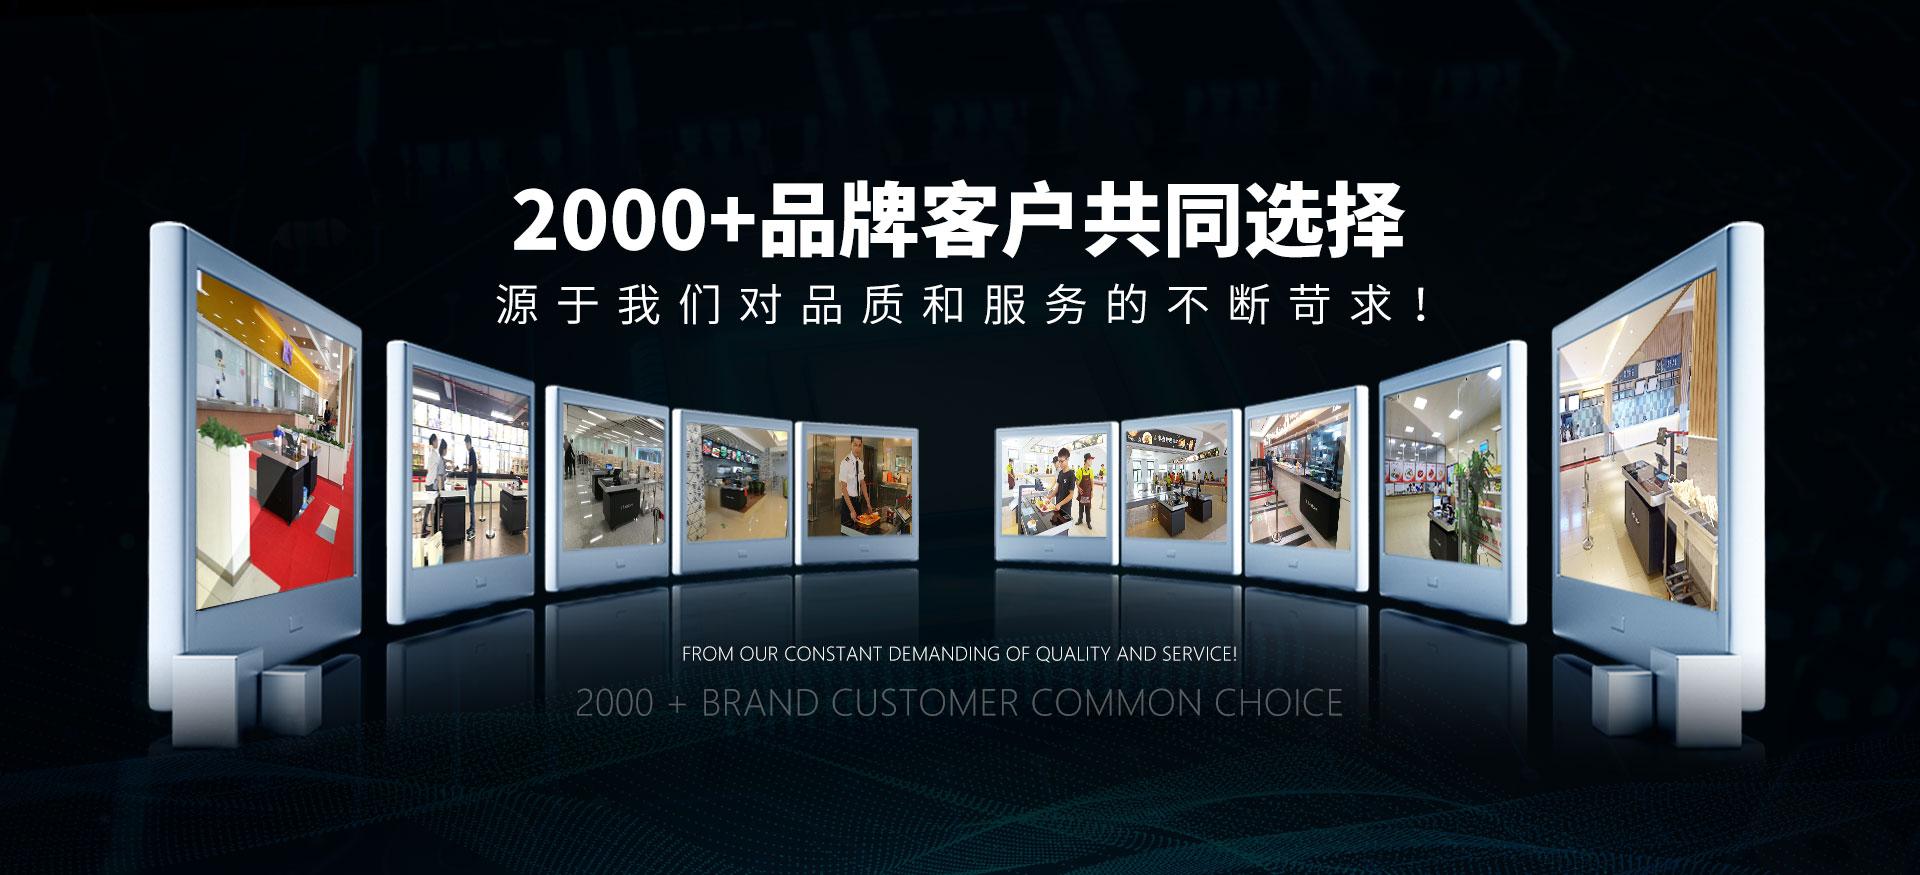 大唐智讯-2000+品牌客户共同选择